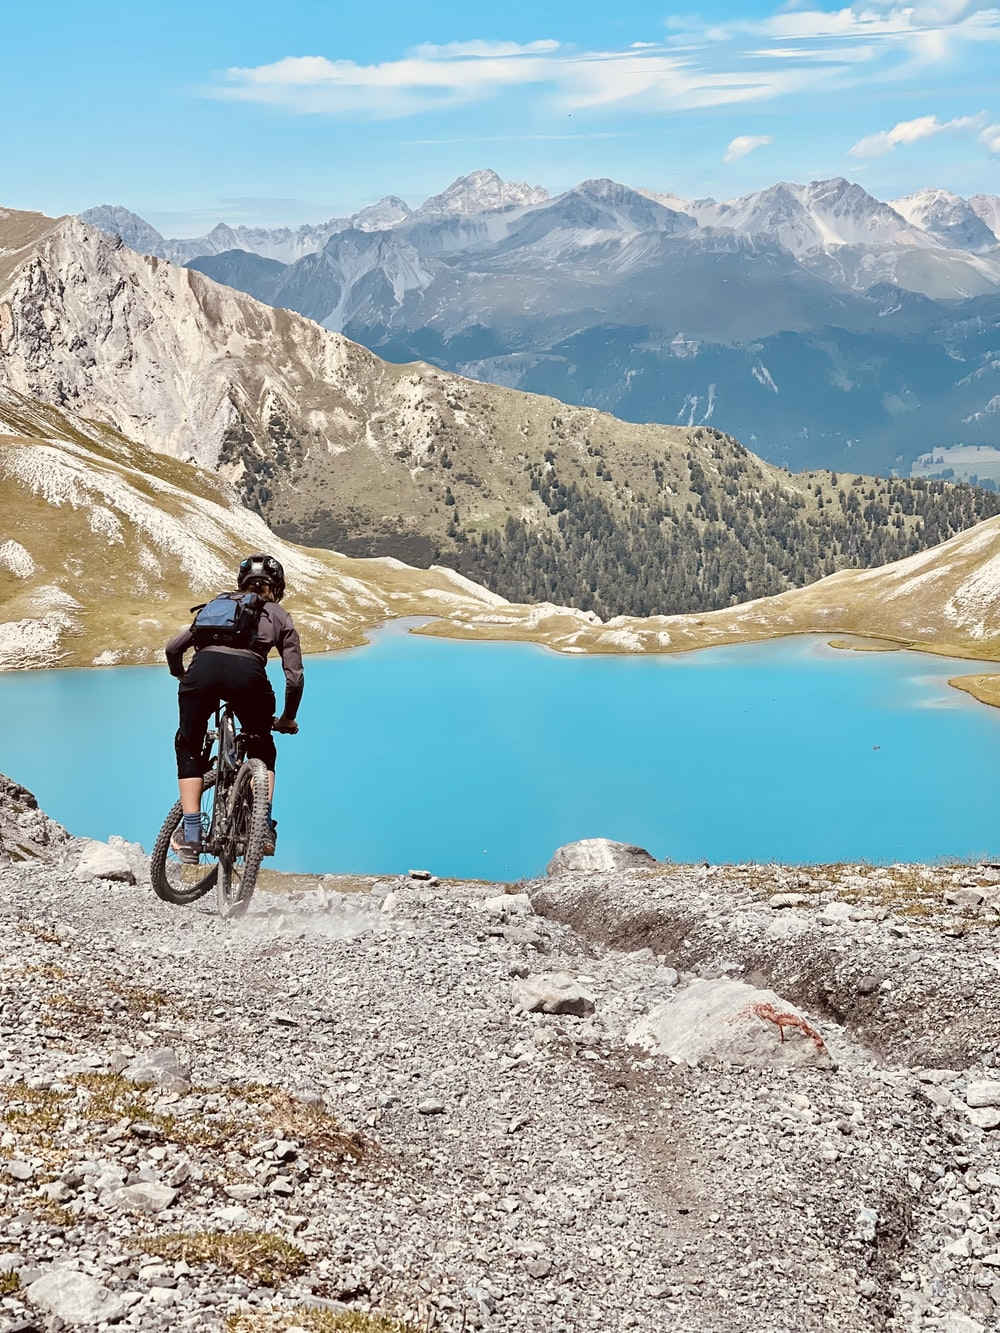 man in black jacket riding bicycle on mountain during daytime